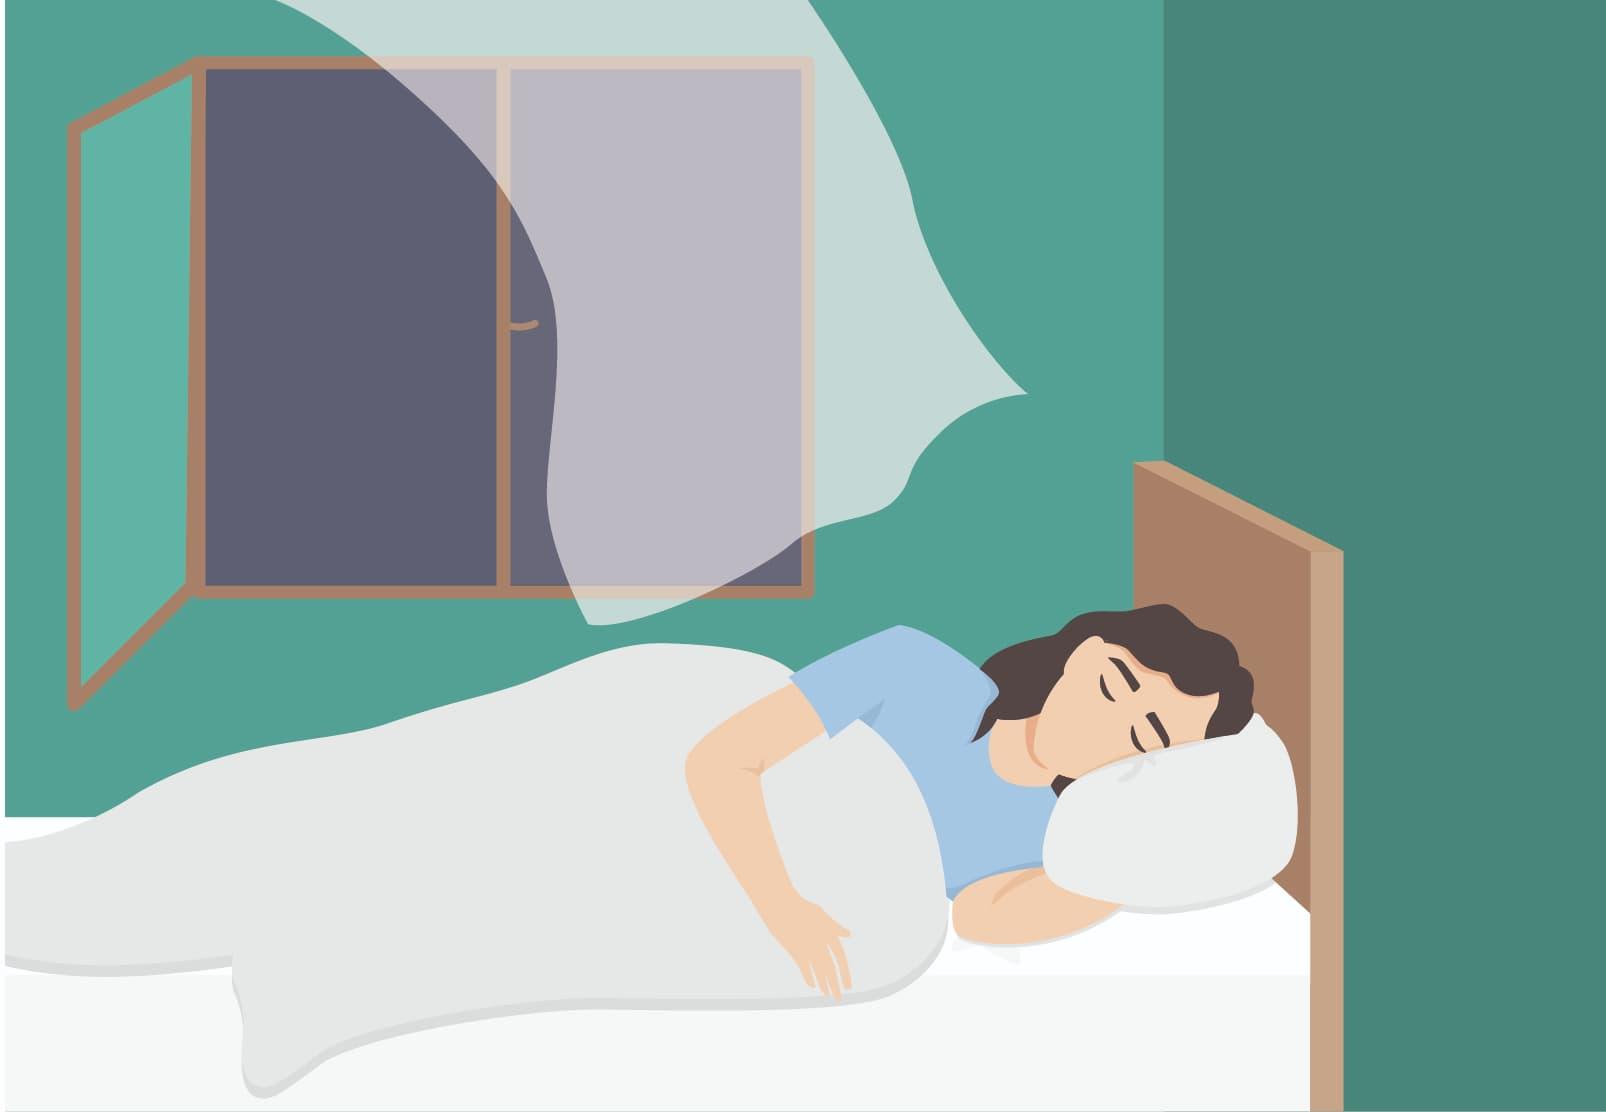 Schlafen bei Hitze: Bei heißen Temperaturen schlafen viele Menschen kürzer.